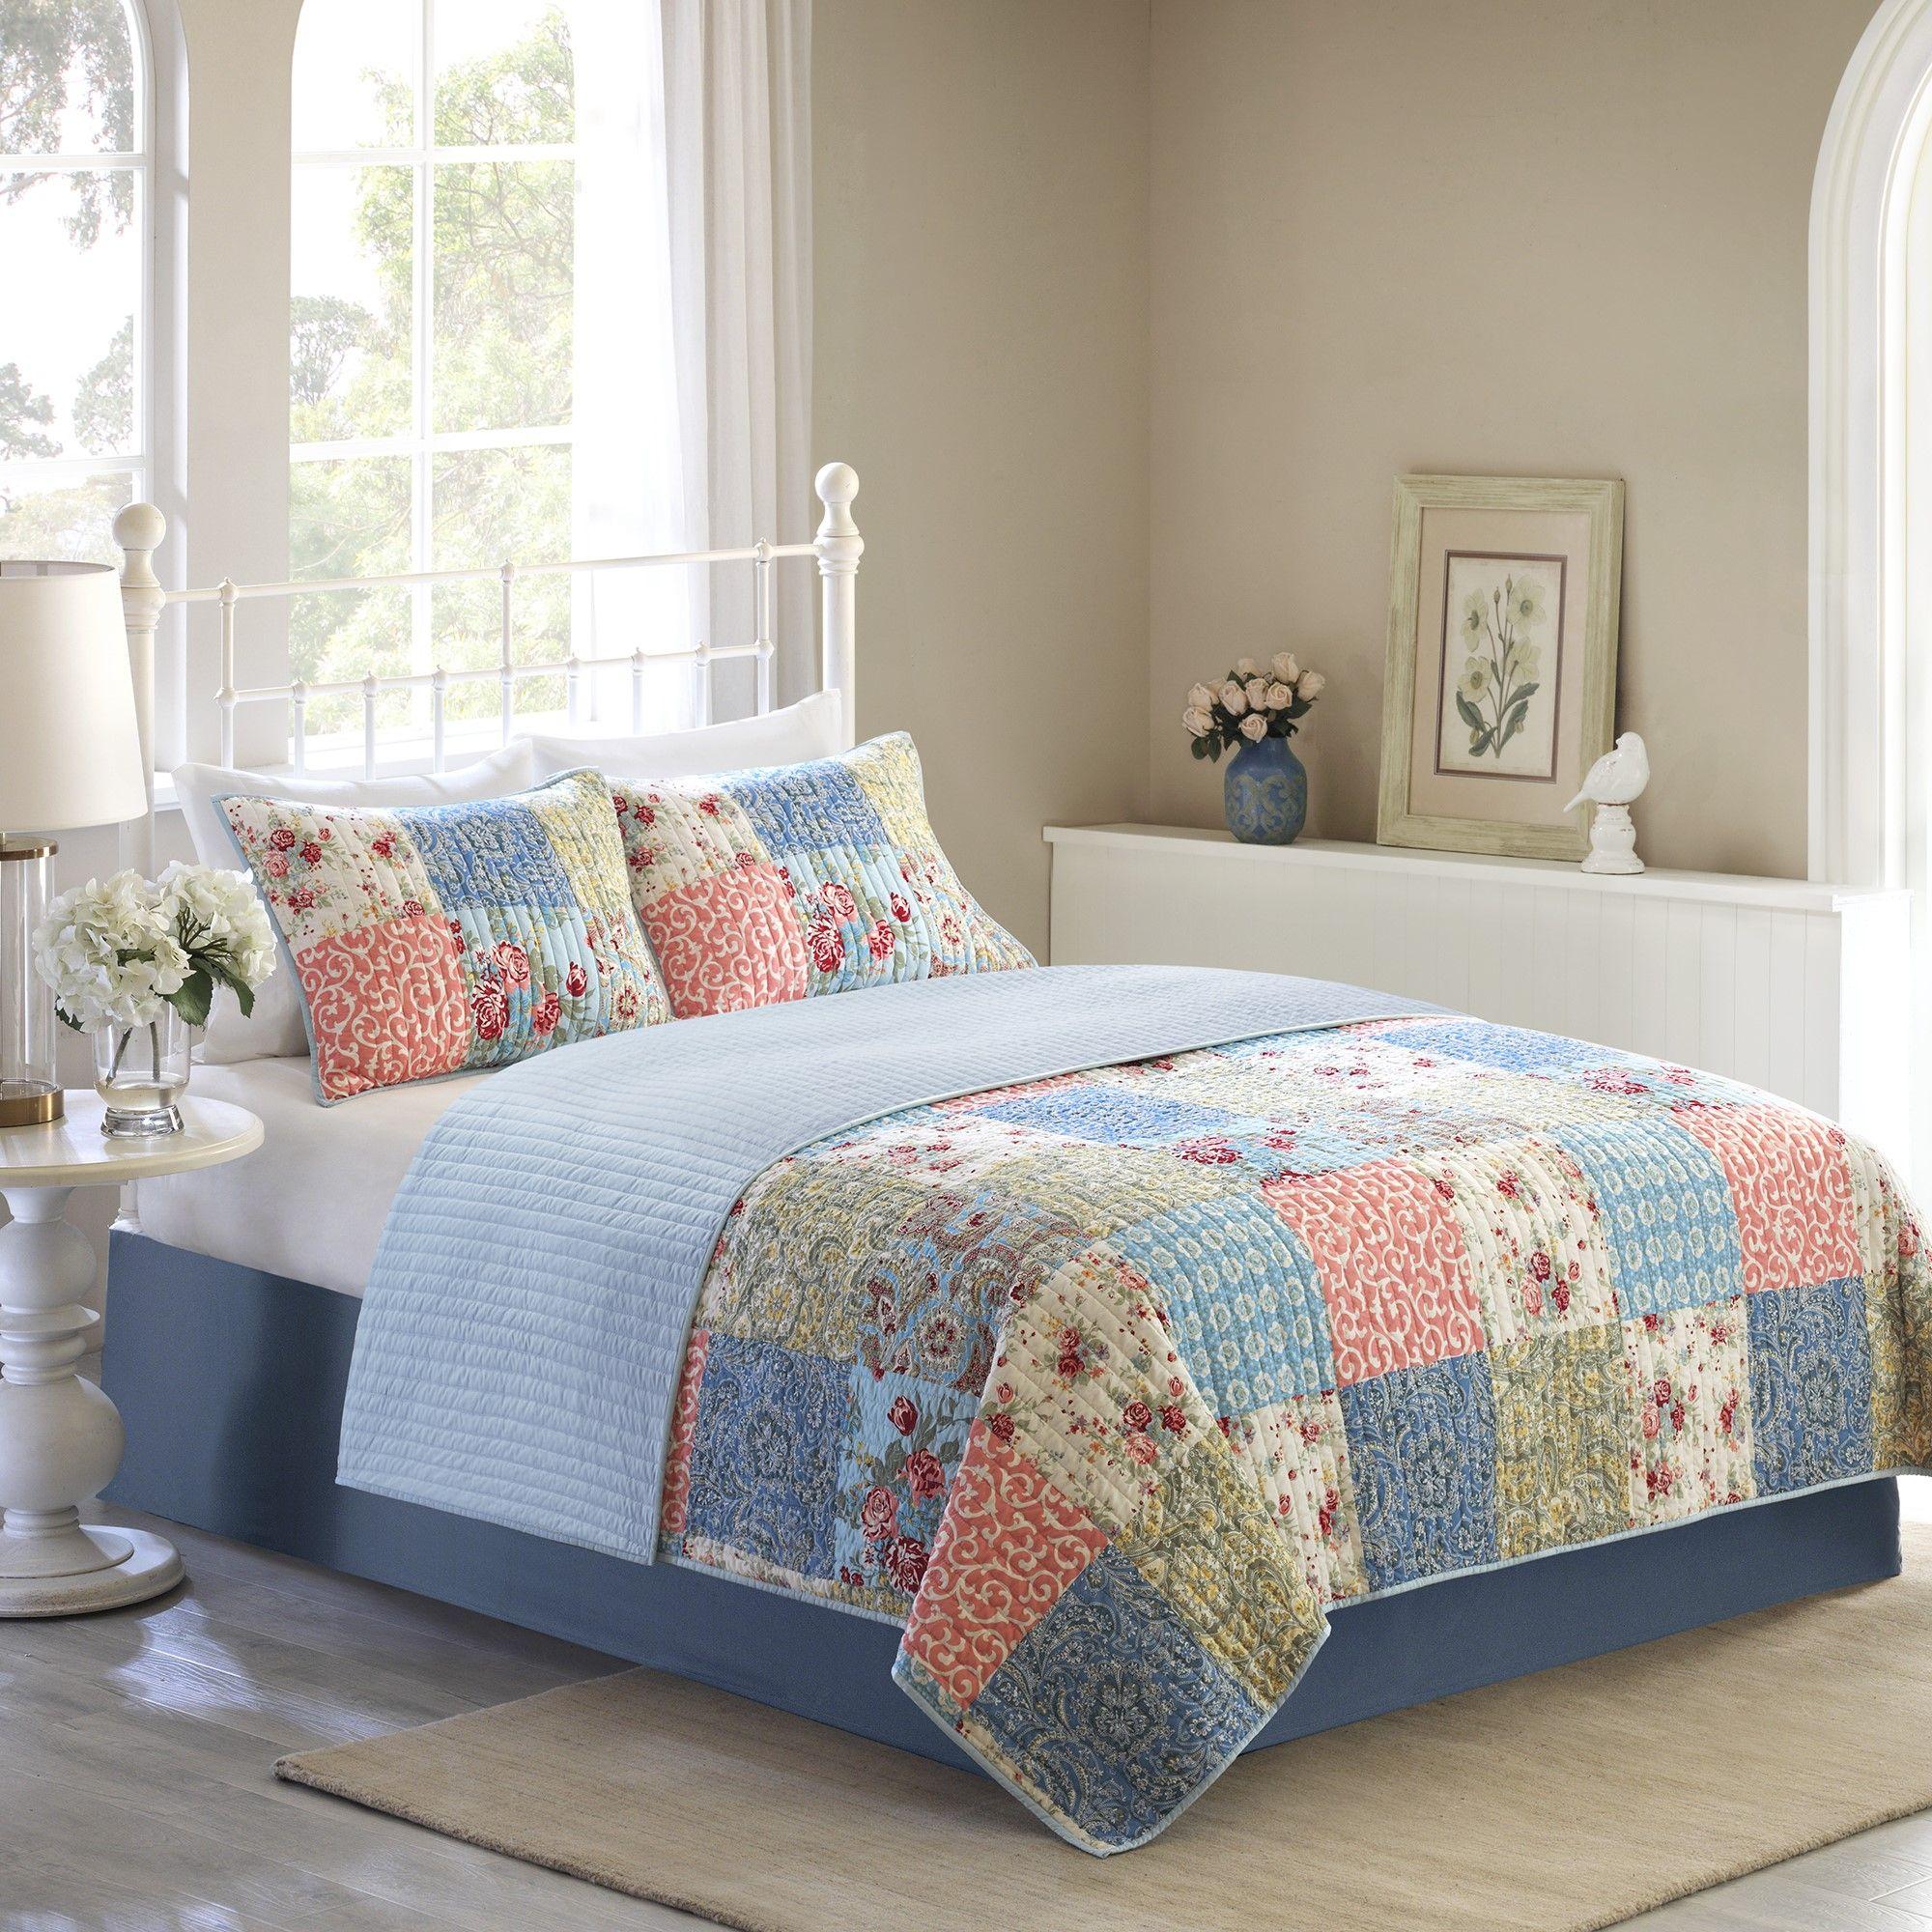 461d40dd9278101963195fa27d22d470 - Better Homes And Gardens Hannalore Pillow Sham